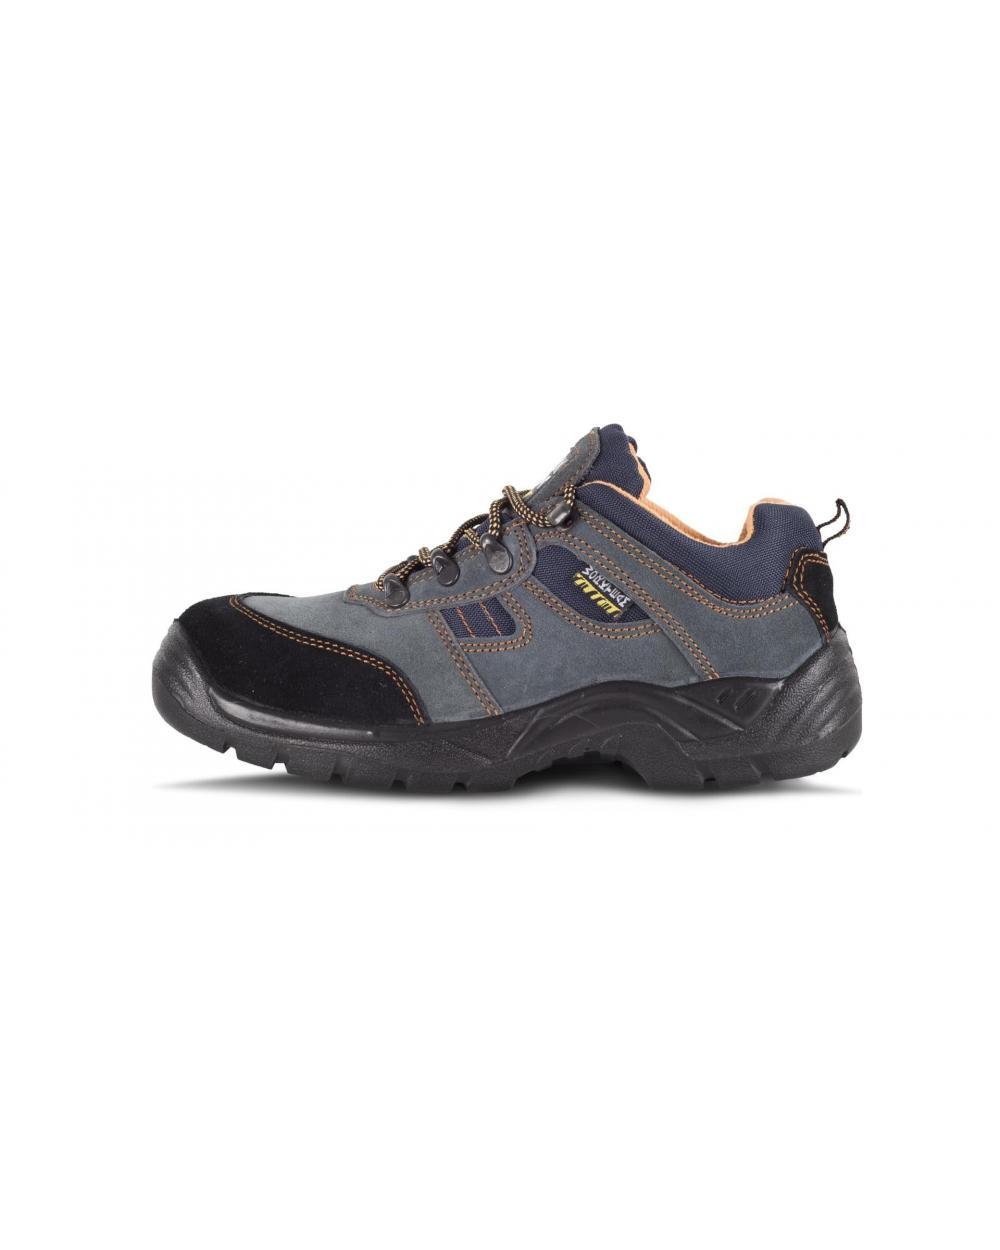 Comprar Zapatos de trabajo de serraje S1+P P1201 Gris workteam 1